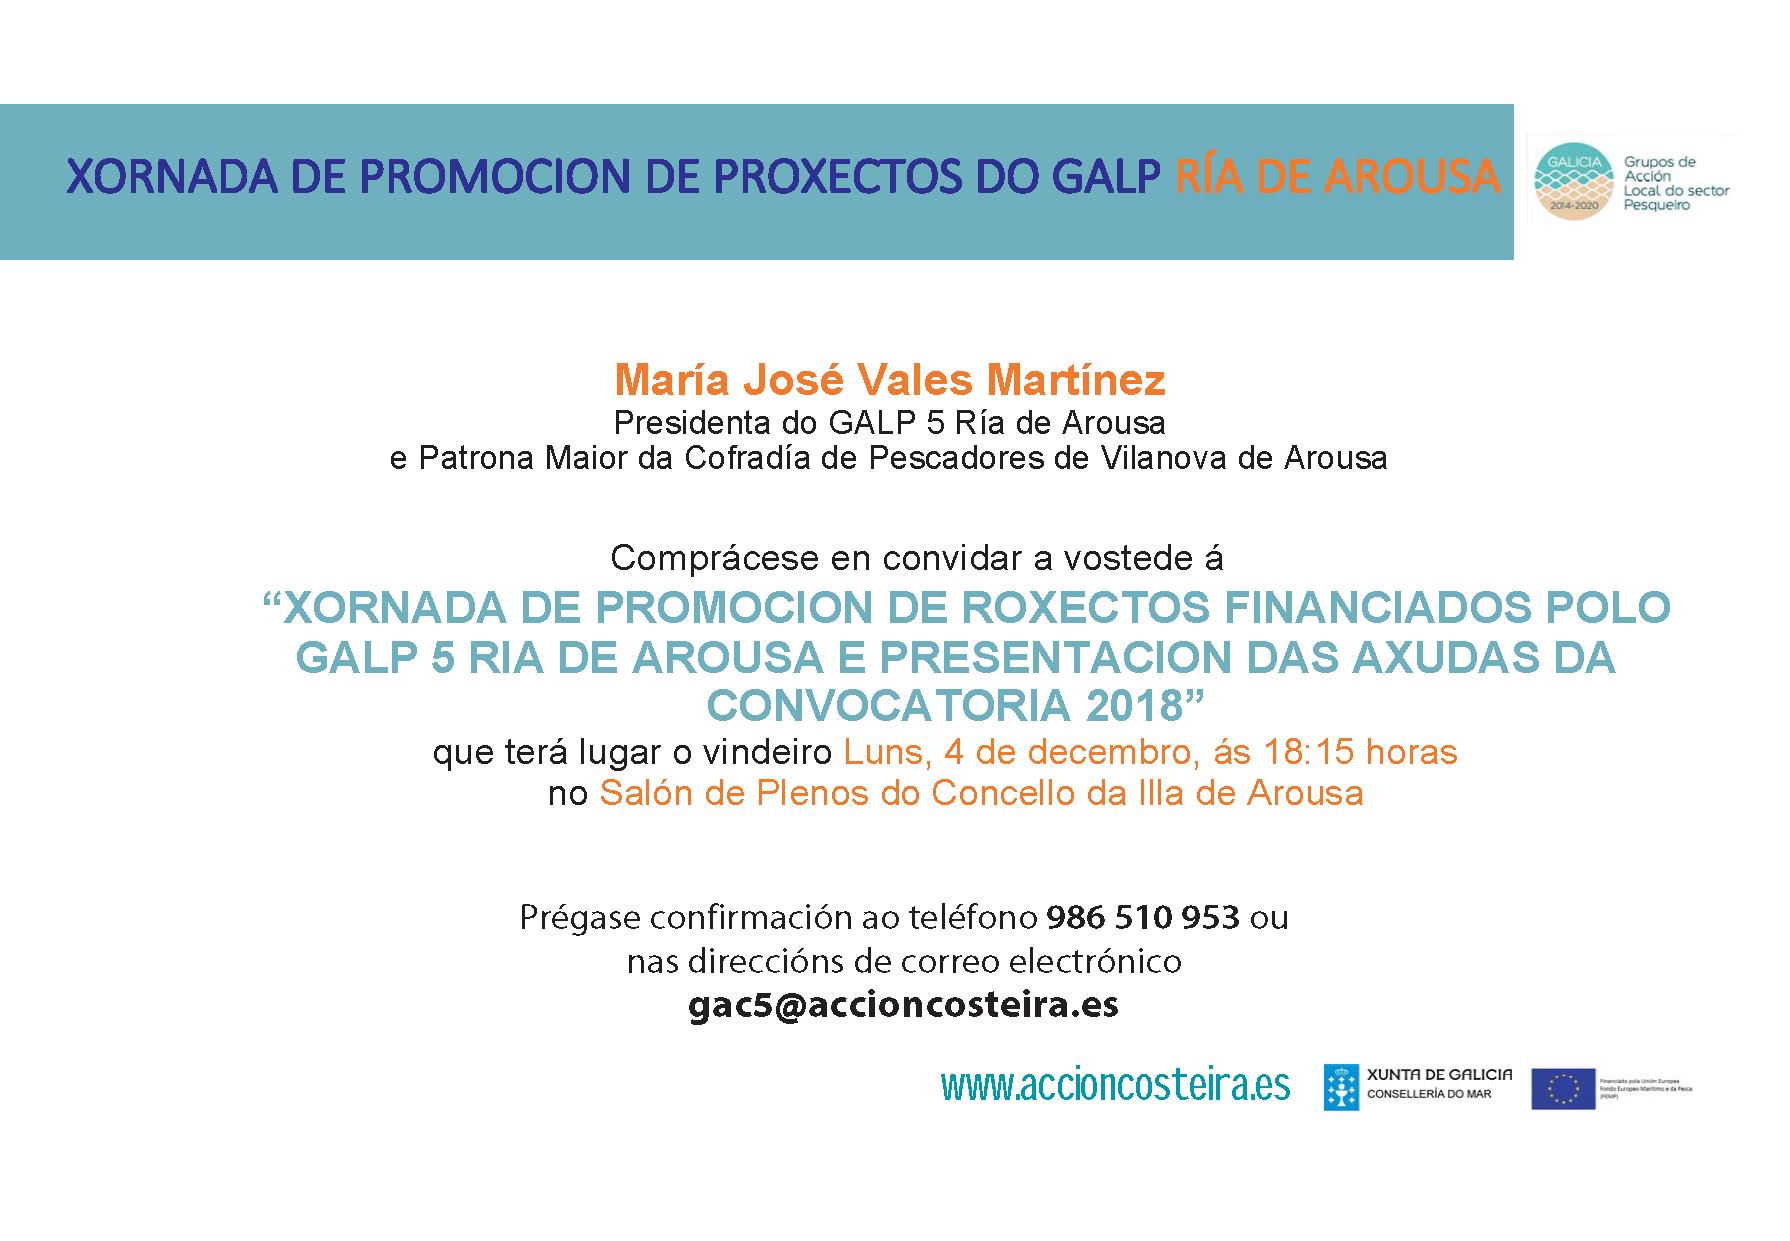 XORNADA DE PROMOCIÓN DE PROXECTOS DO GALP RÍA DE AROUSA